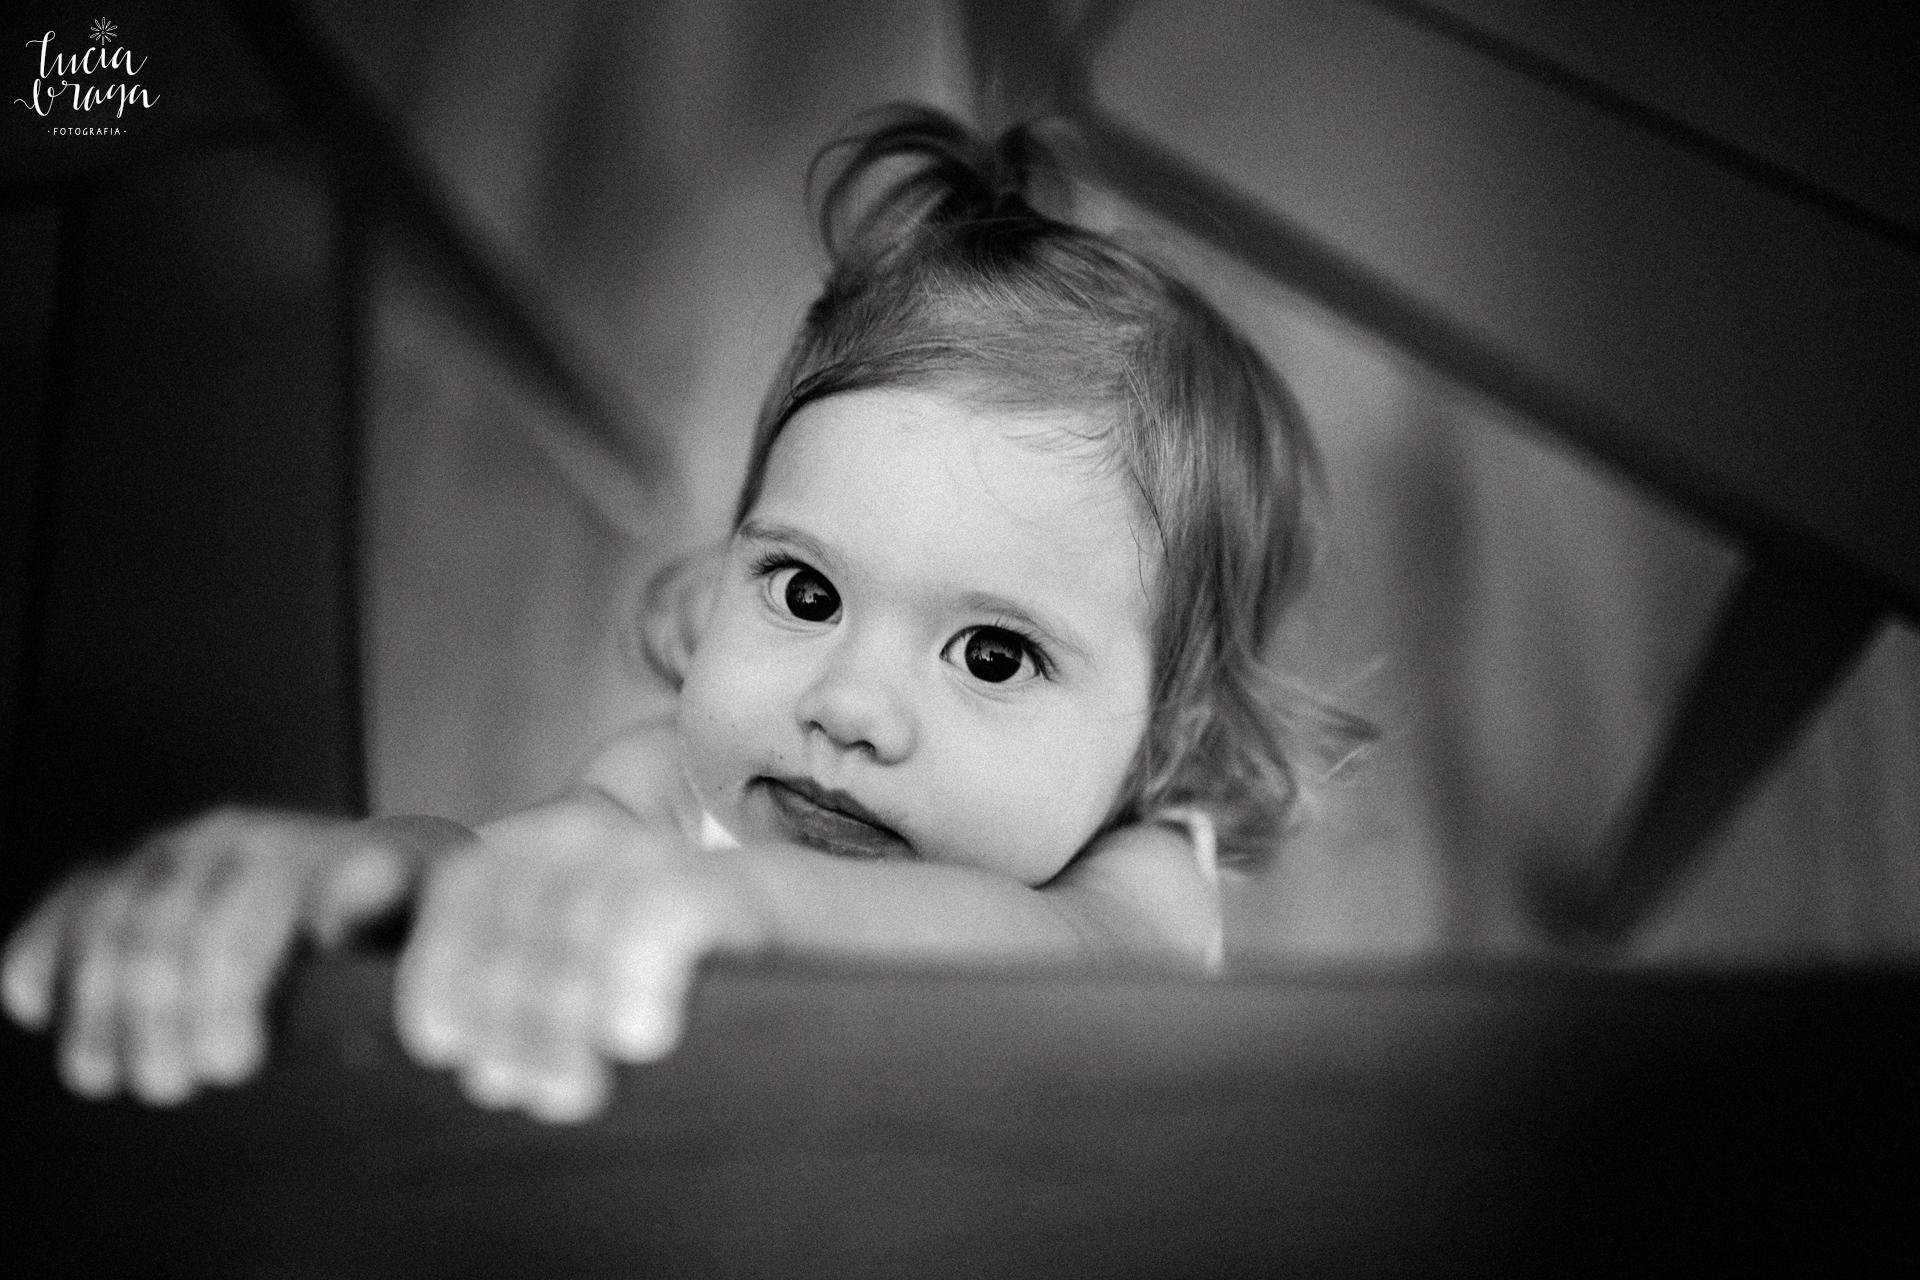 fotografia documental de familia, fotografia de familia, fotografo são paulo, mae e filho, mae e filha, sling, real life, fotografo rio de janeiro, fotografia infantil, ensaio de familia, mae e filha